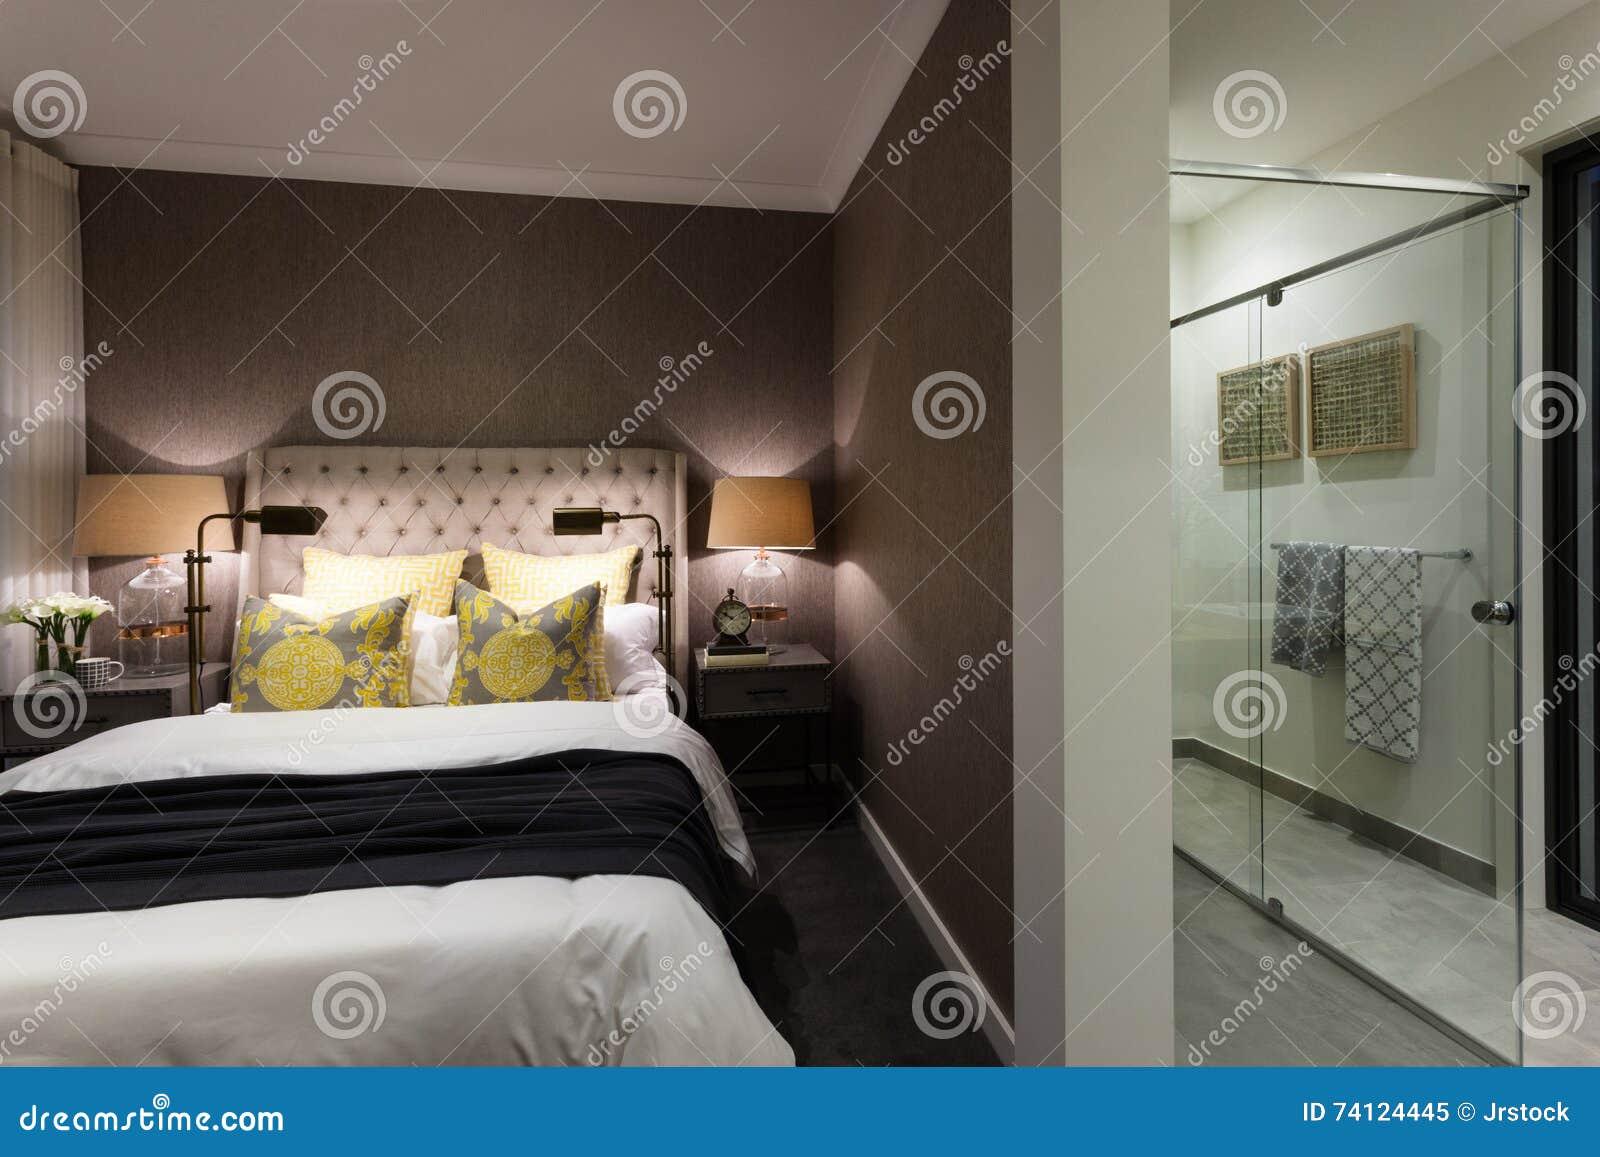 Bagno In Camera Con Vetro : Camera da letto moderna di un hotel allegato ad un bagno immagine